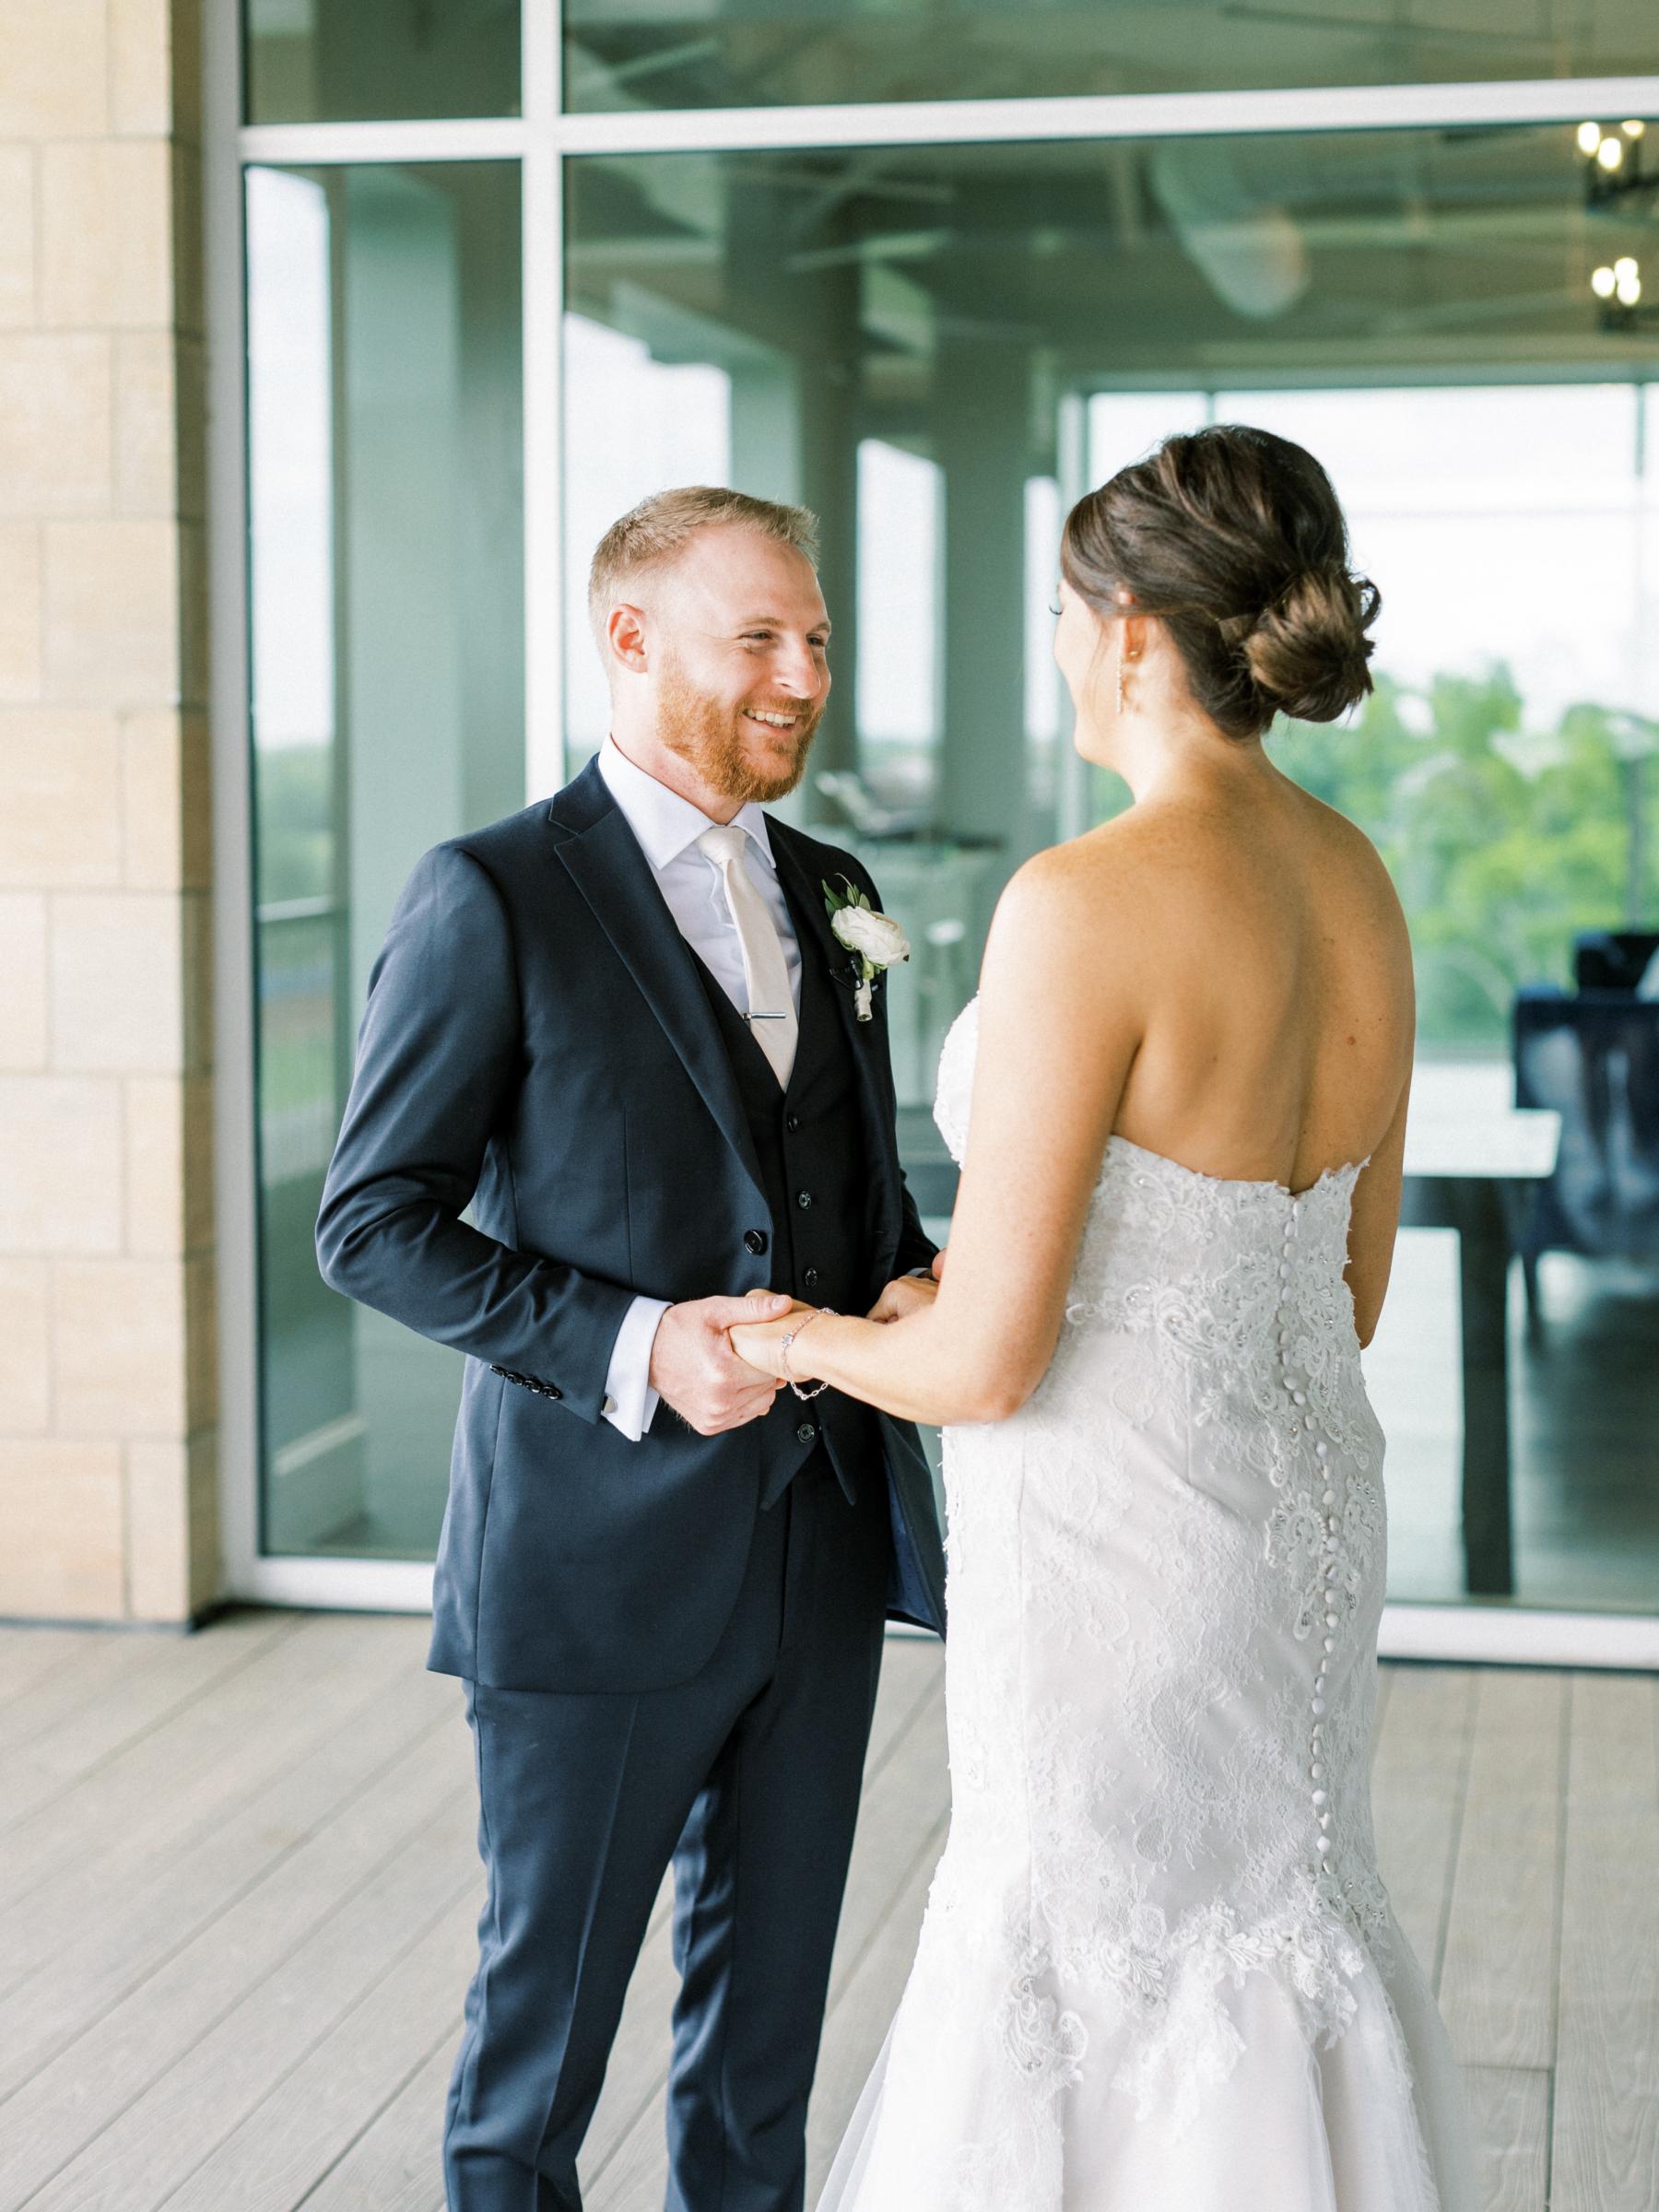 Jordan and Alaina wedding photography first look